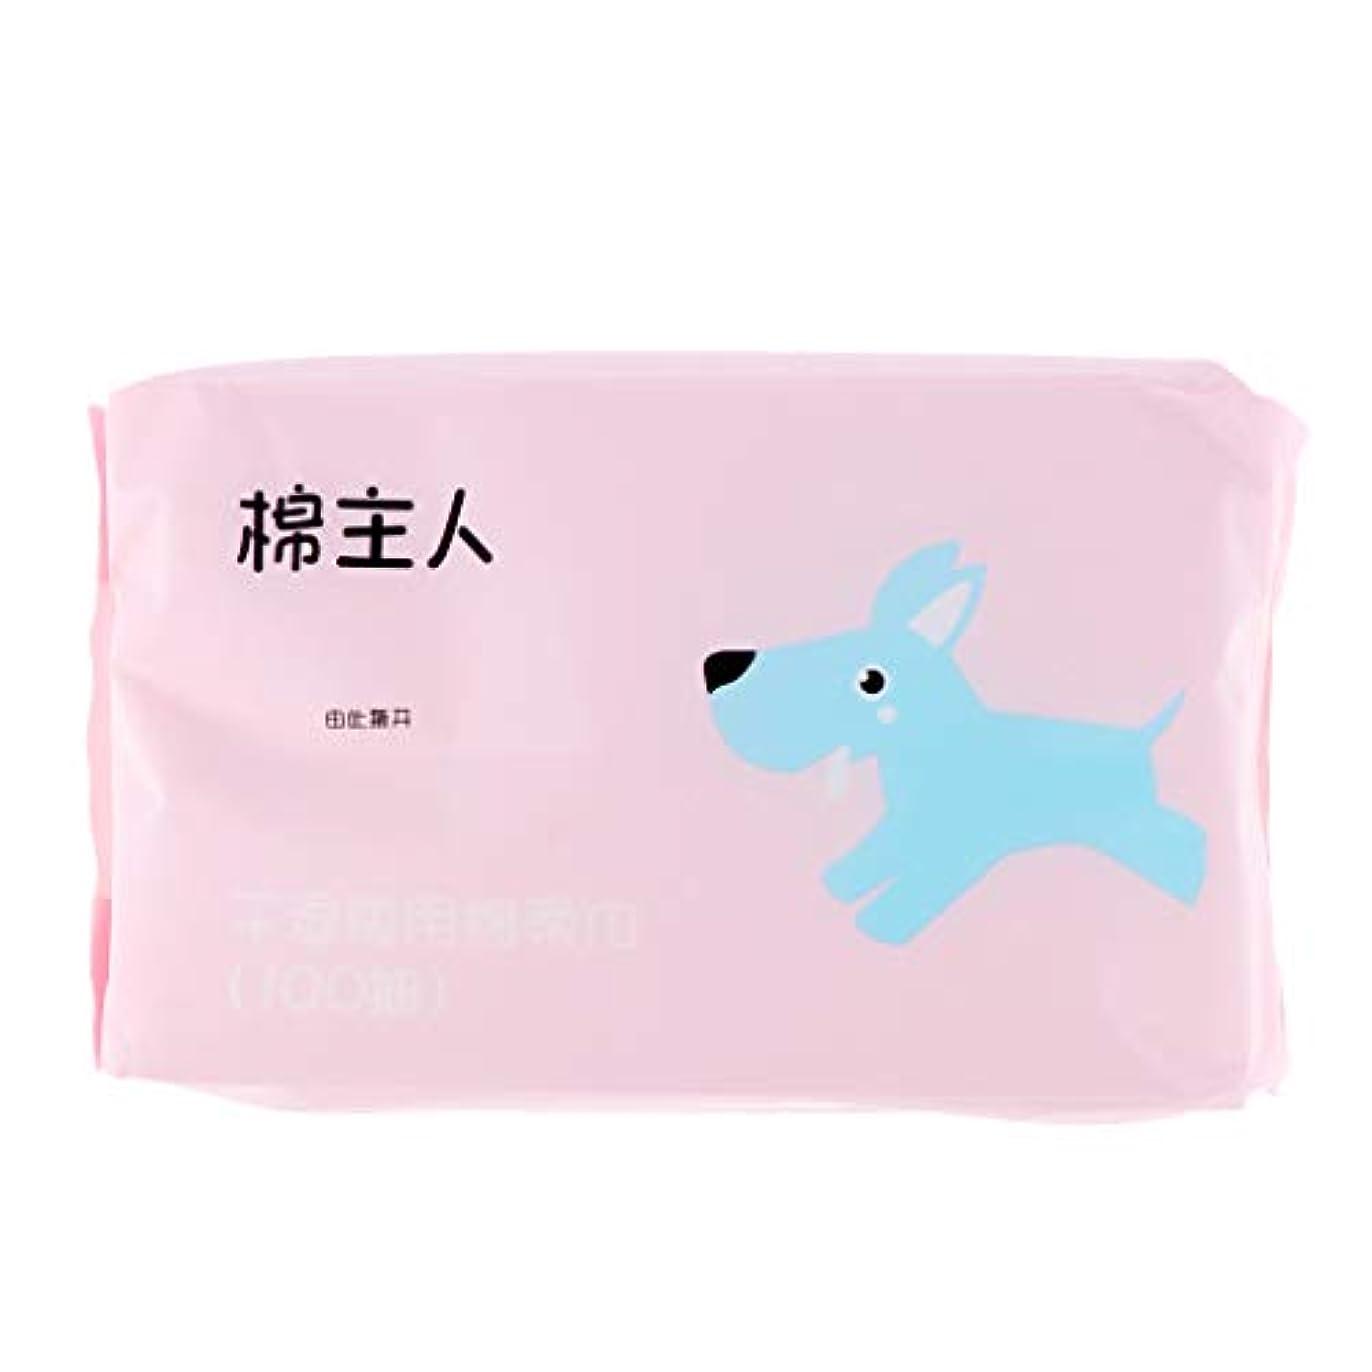 異形凝視マインド約100枚 使い捨て クレンジングシート メイク落とし 化粧品 ソフト 2色選べ - ピンク